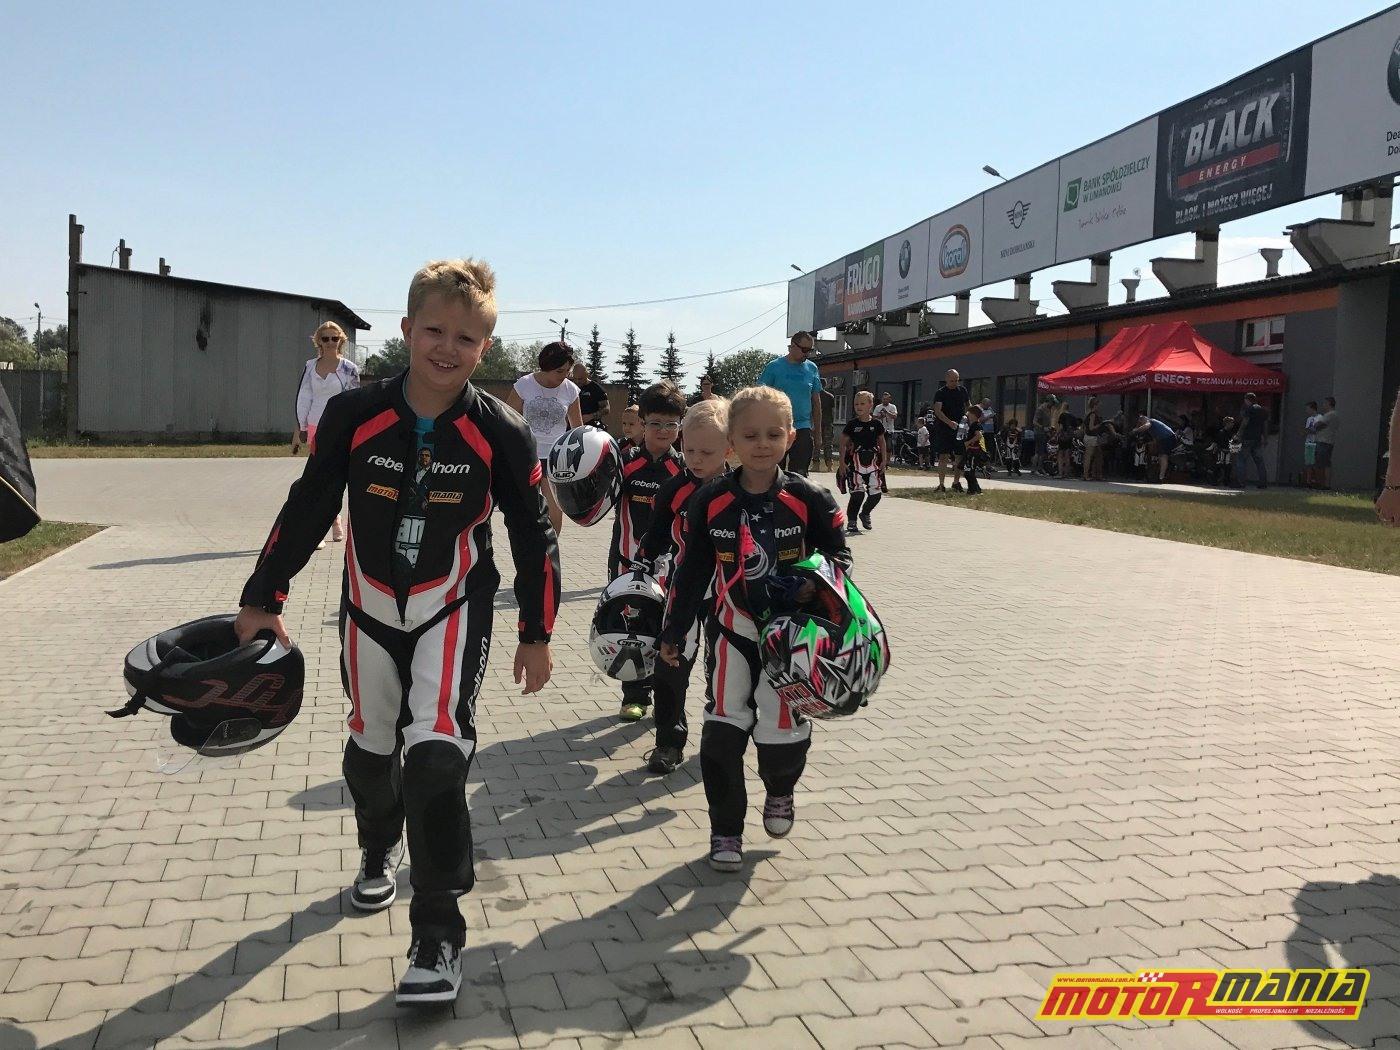 MotoRmania KidzGP - dzieci na motocyklach (1)